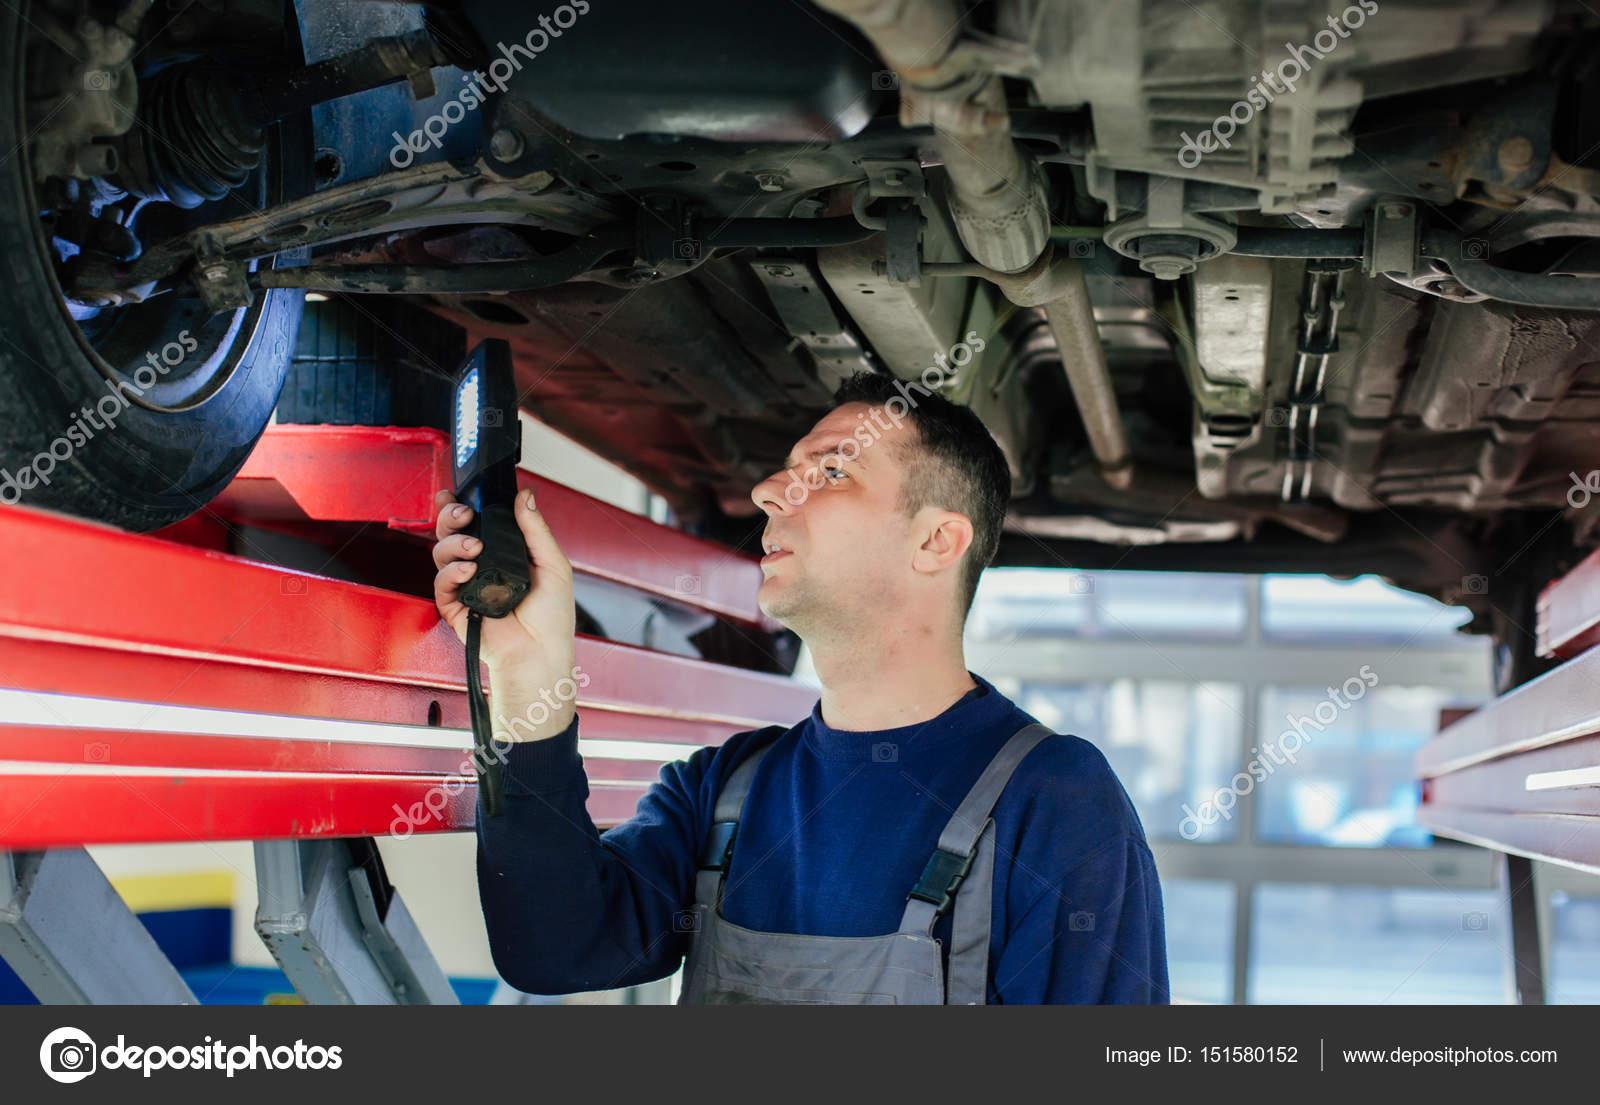 mechanic examining car using flashlight stock photo cokapoka